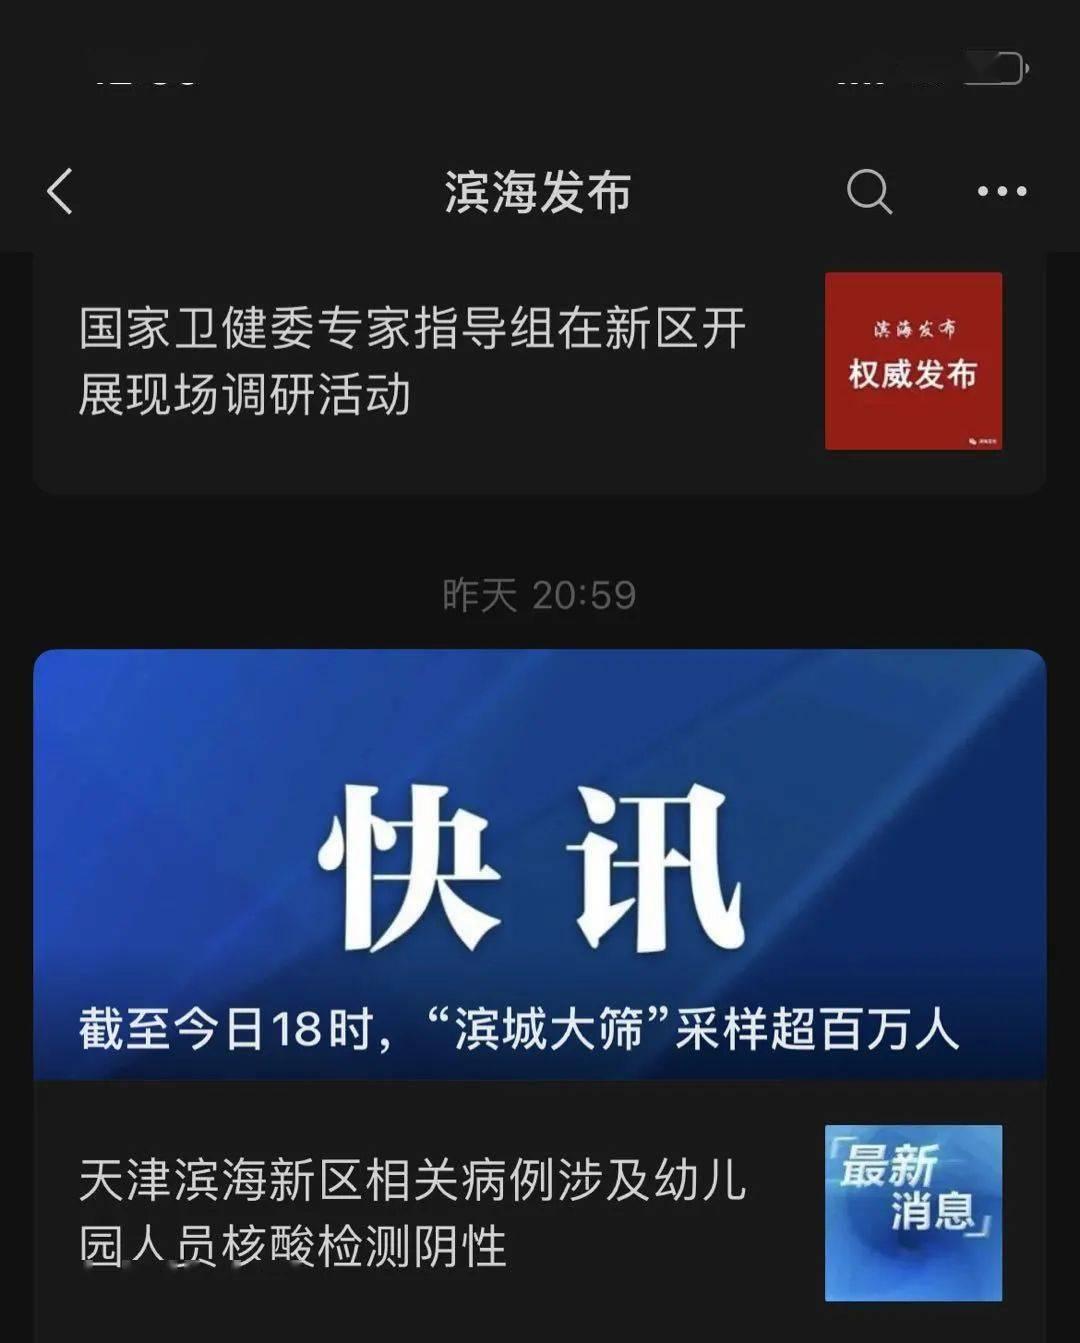 """一天检测170万人!天津人冒着严寒抗疫,网友却被一张""""赞上海,贬天津""""的图片带节奏了"""